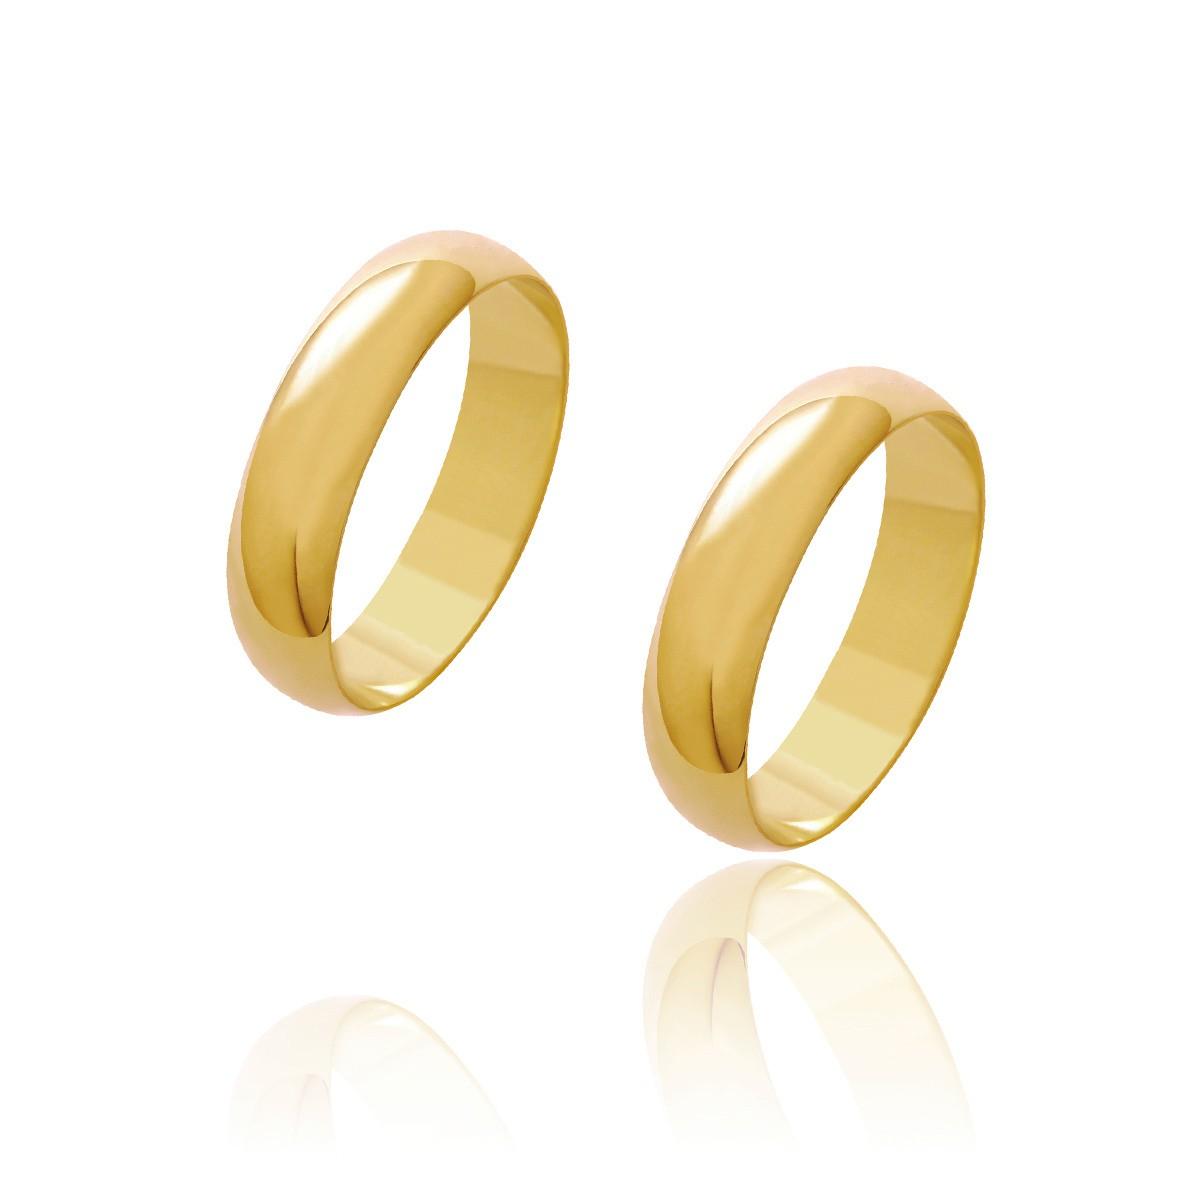 Par de Alianças de Casamento Diana Ouro Abaulada Lisa 5mm 6.5g